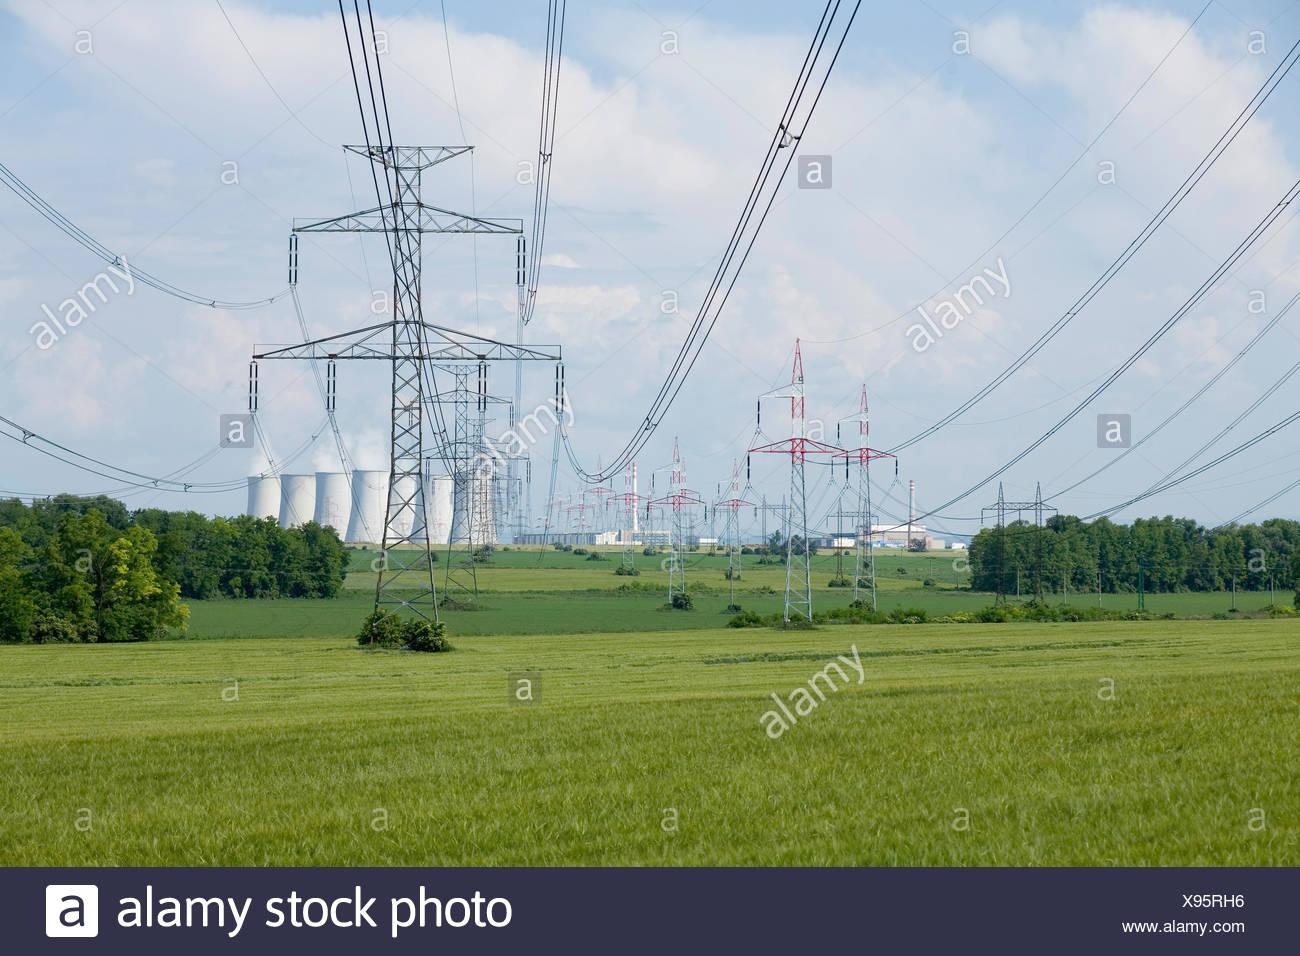 Kraftwerk, Kuehlturm, Detail, Rauch, Kernkraftwerk, Atomkraftwerk, Wirtschaft, Energie, Energiegewinnung, Energieversorgung, Ele - Stock Image